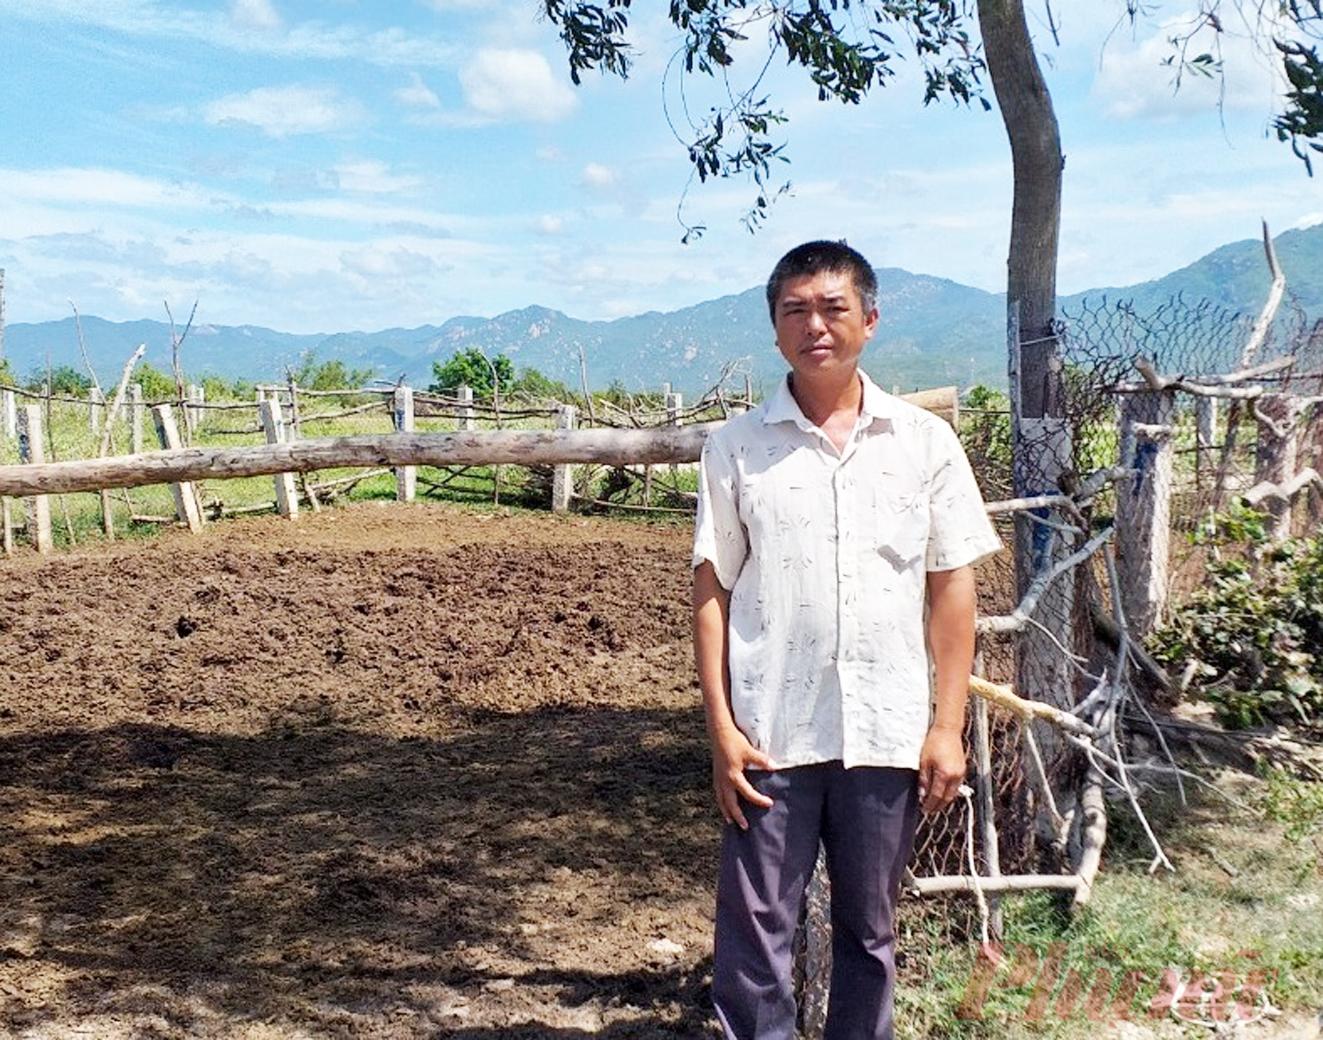 Một nông dân bị truy tố vì dựng chòi chăn cừu